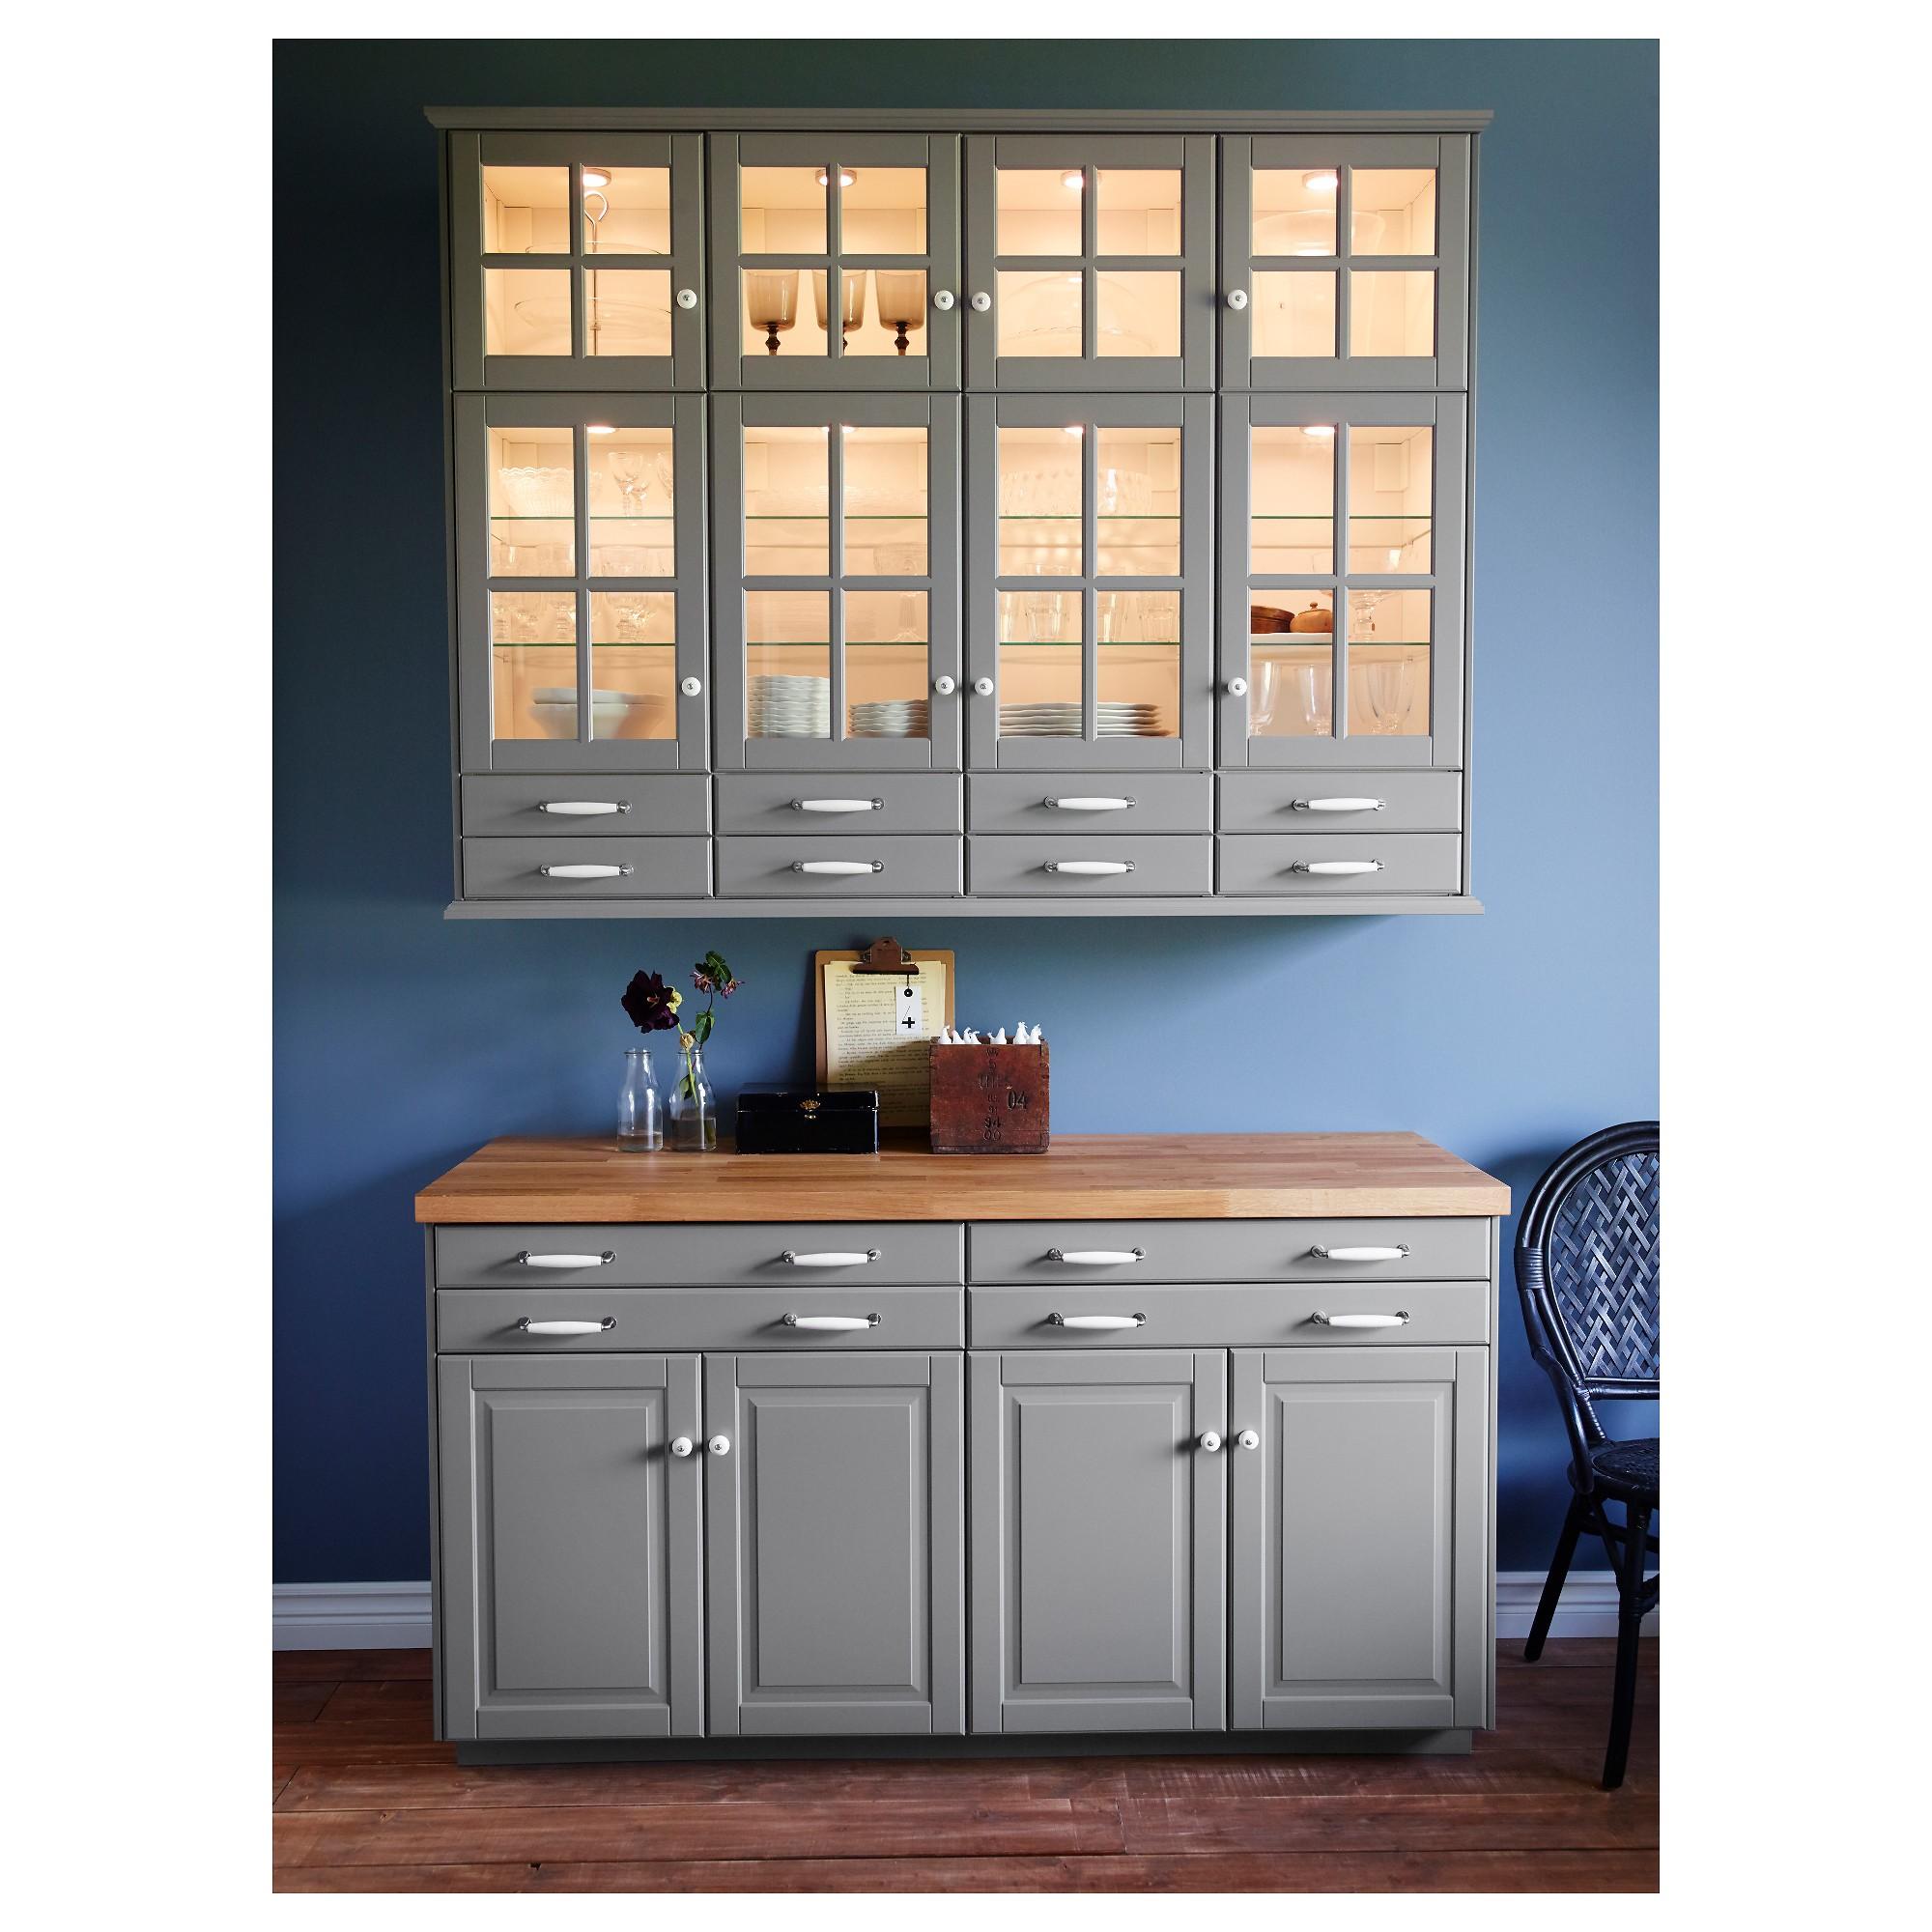 Beau Glass Wall Mounted Cabinets